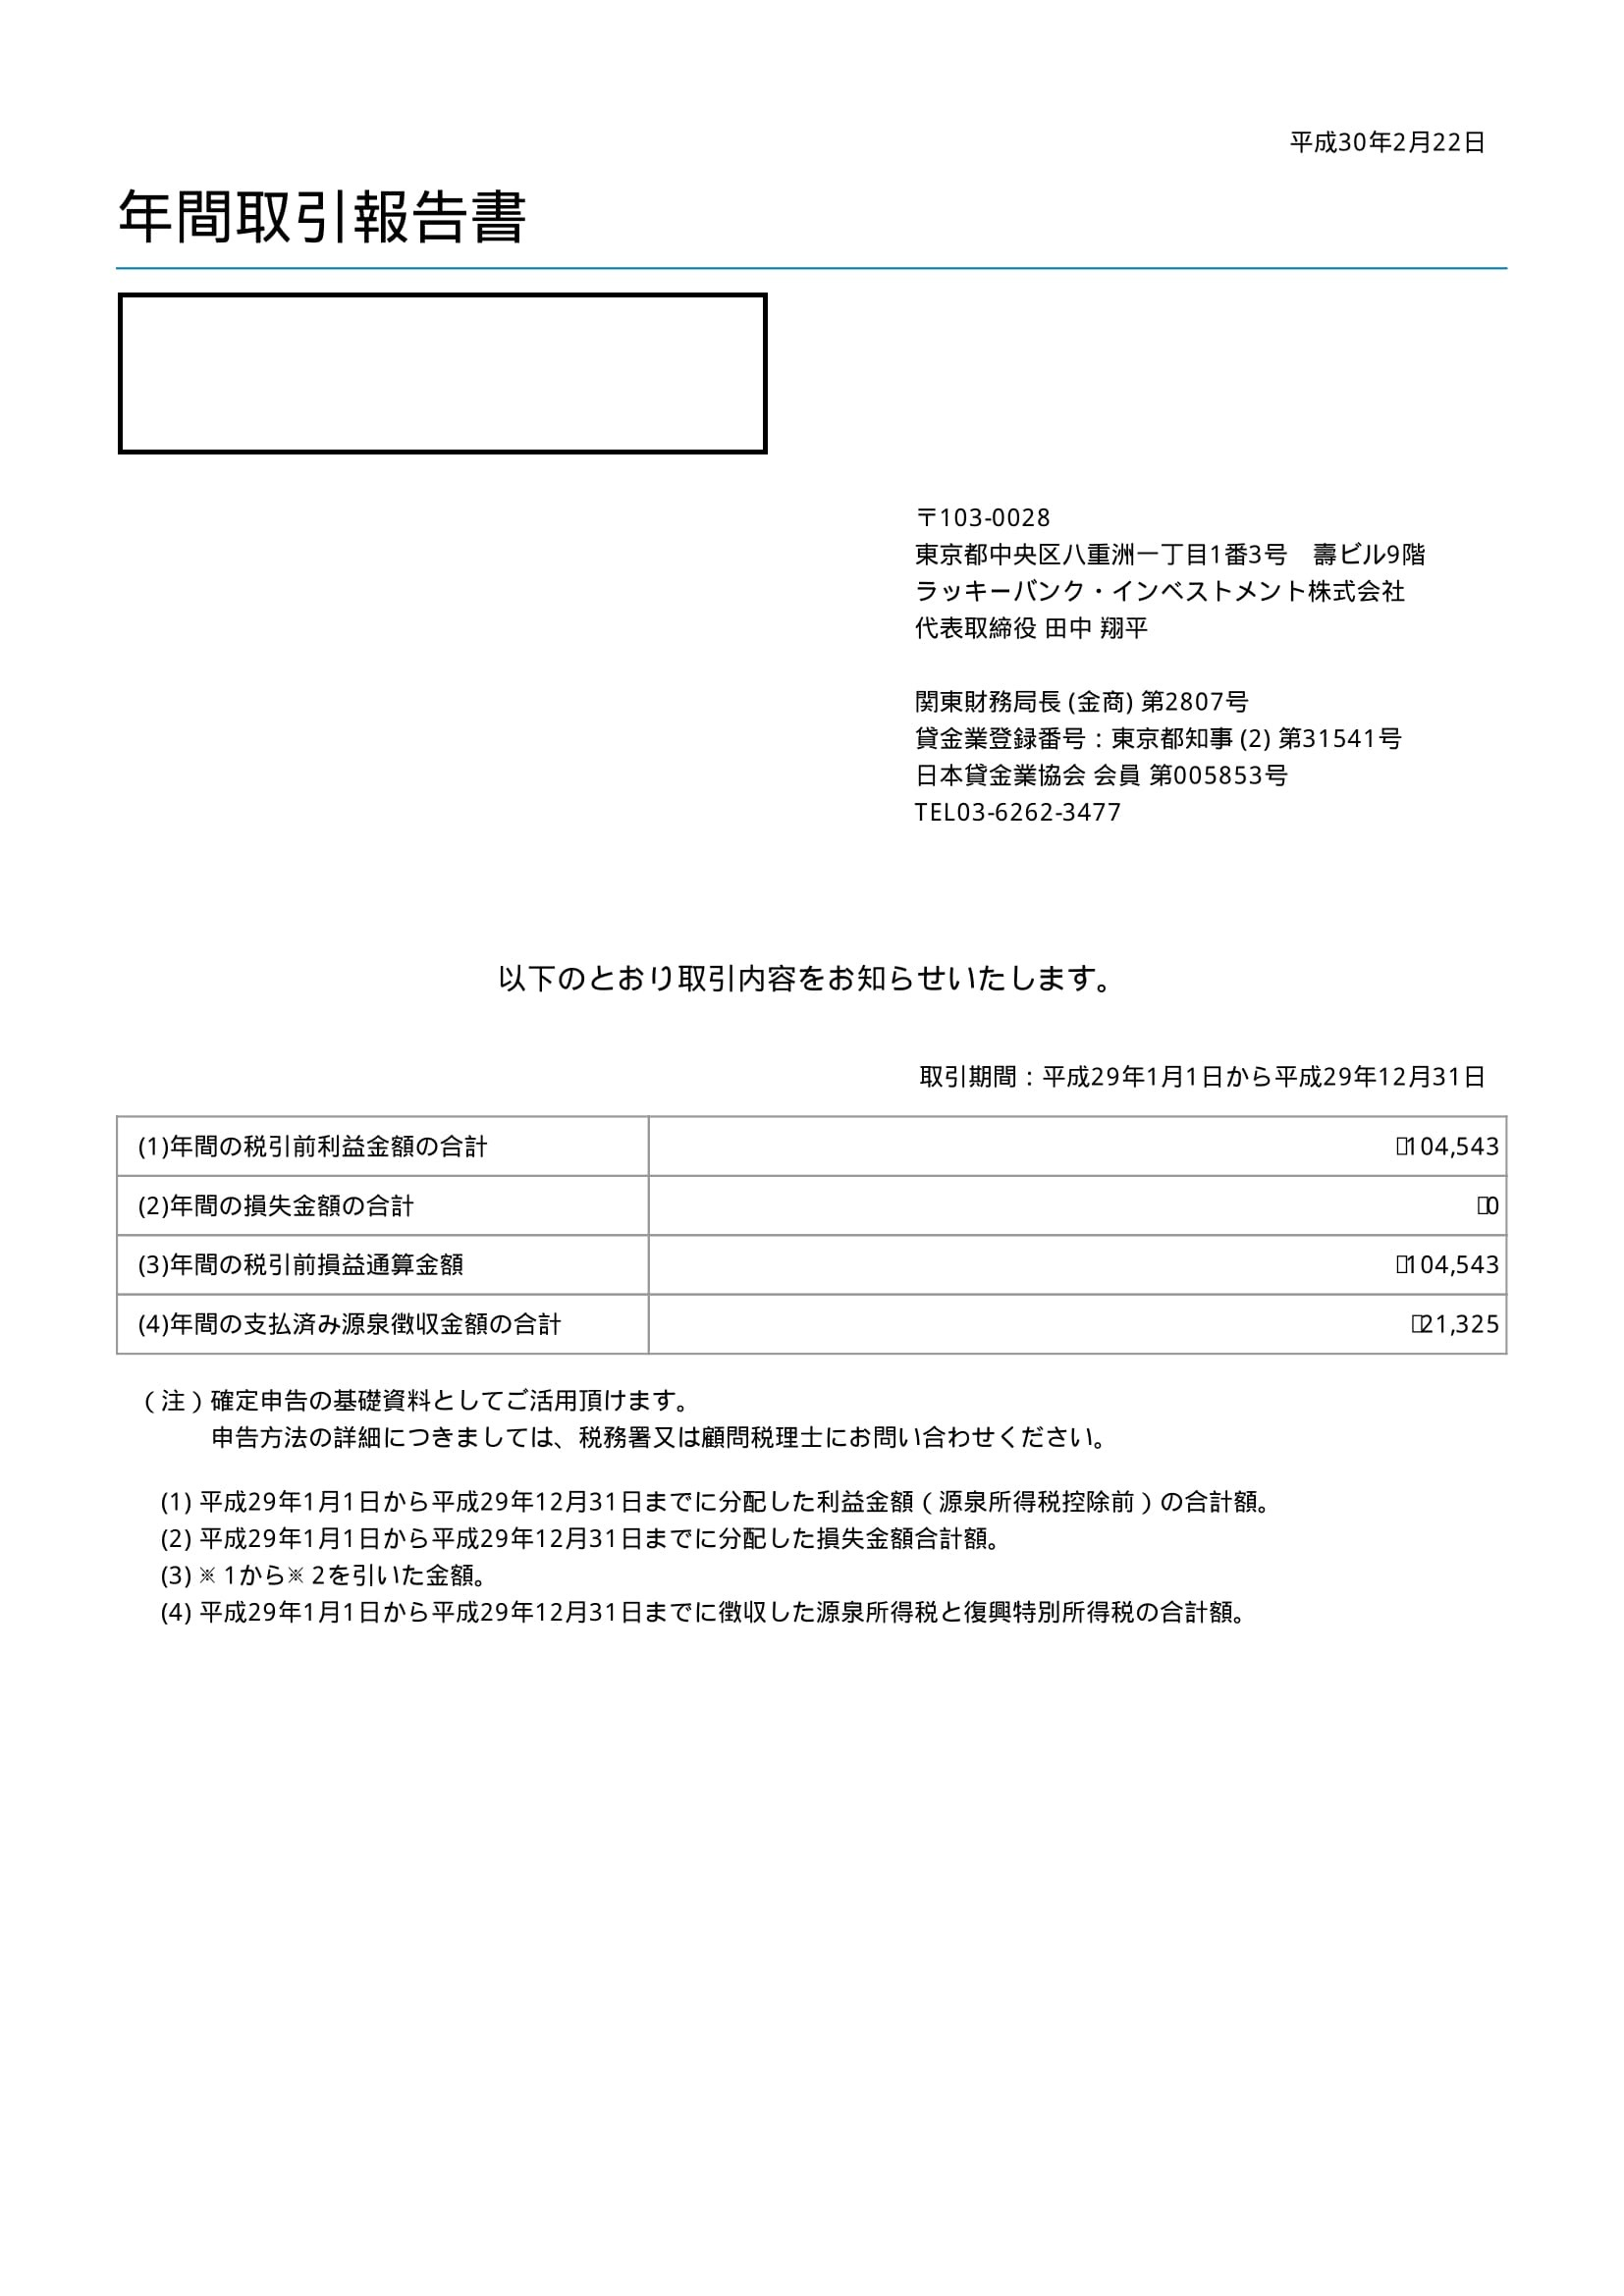 ラッキーバンク174_2017年間取引報告書-1